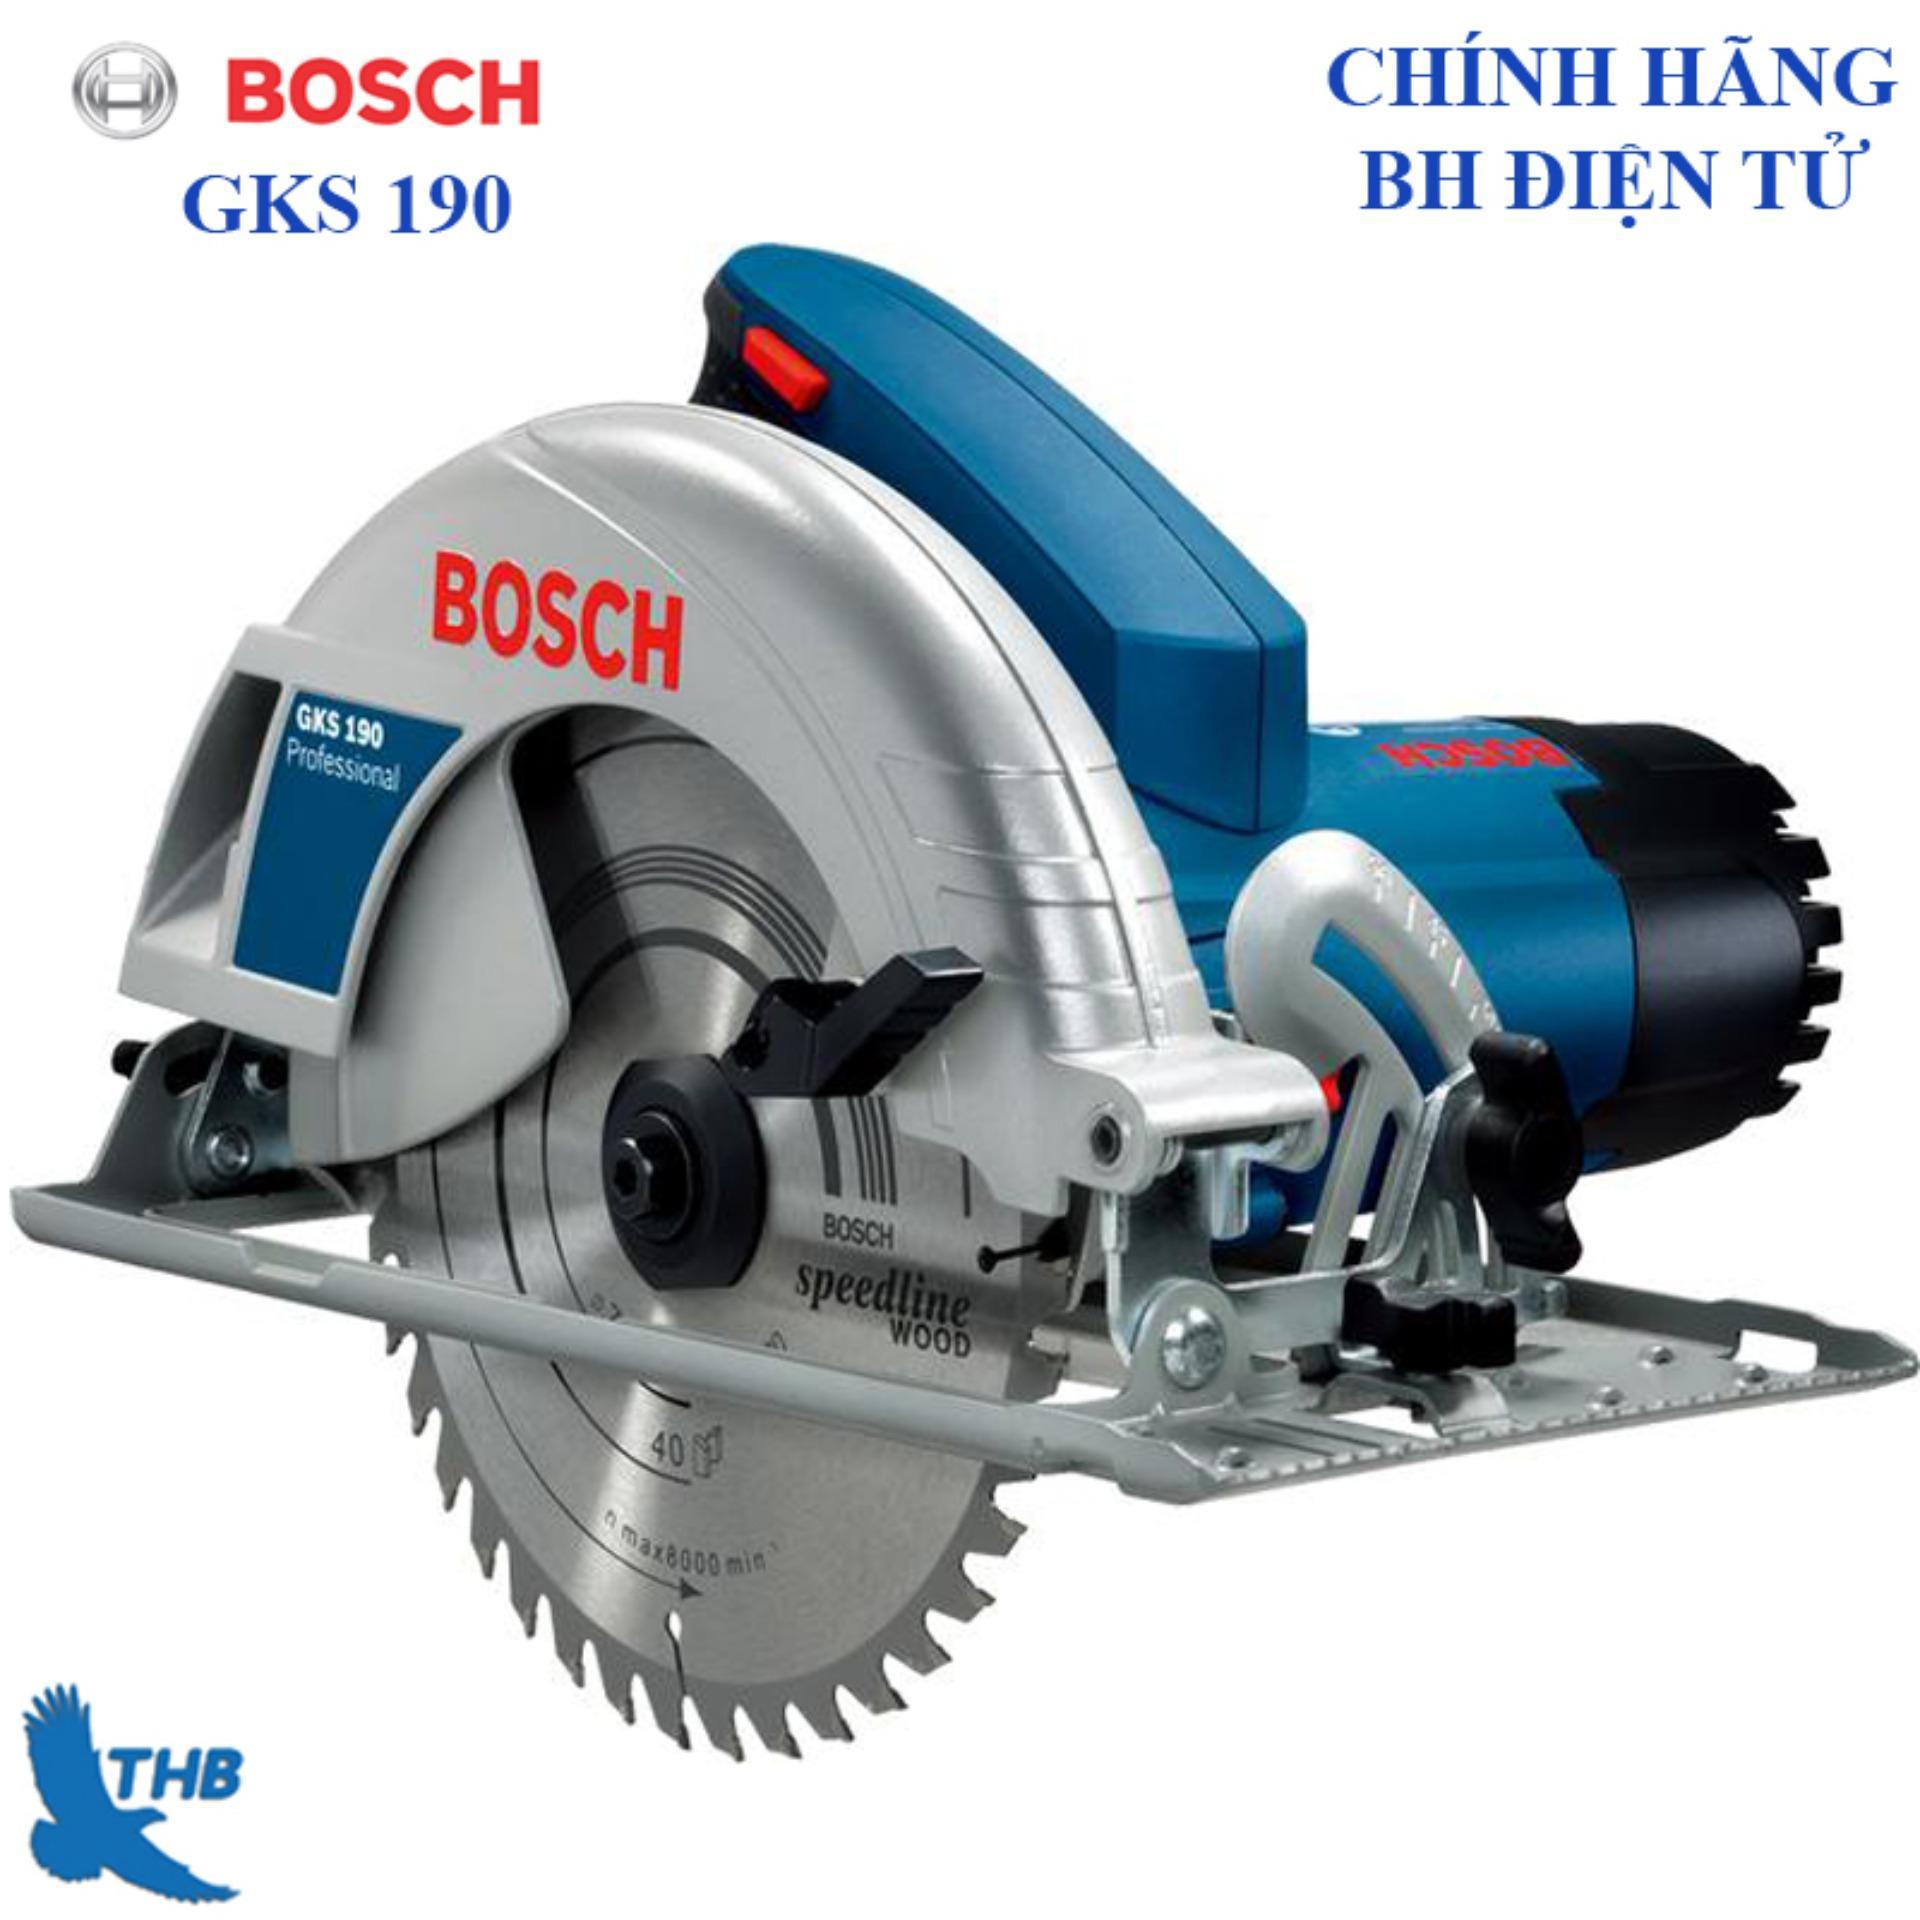 Máy cưa đĩa Máy cưa gỗ Bosch GKS 190 Đường kính lưỡi 184mm Công suất 1400W Bảo hành 6 tháng